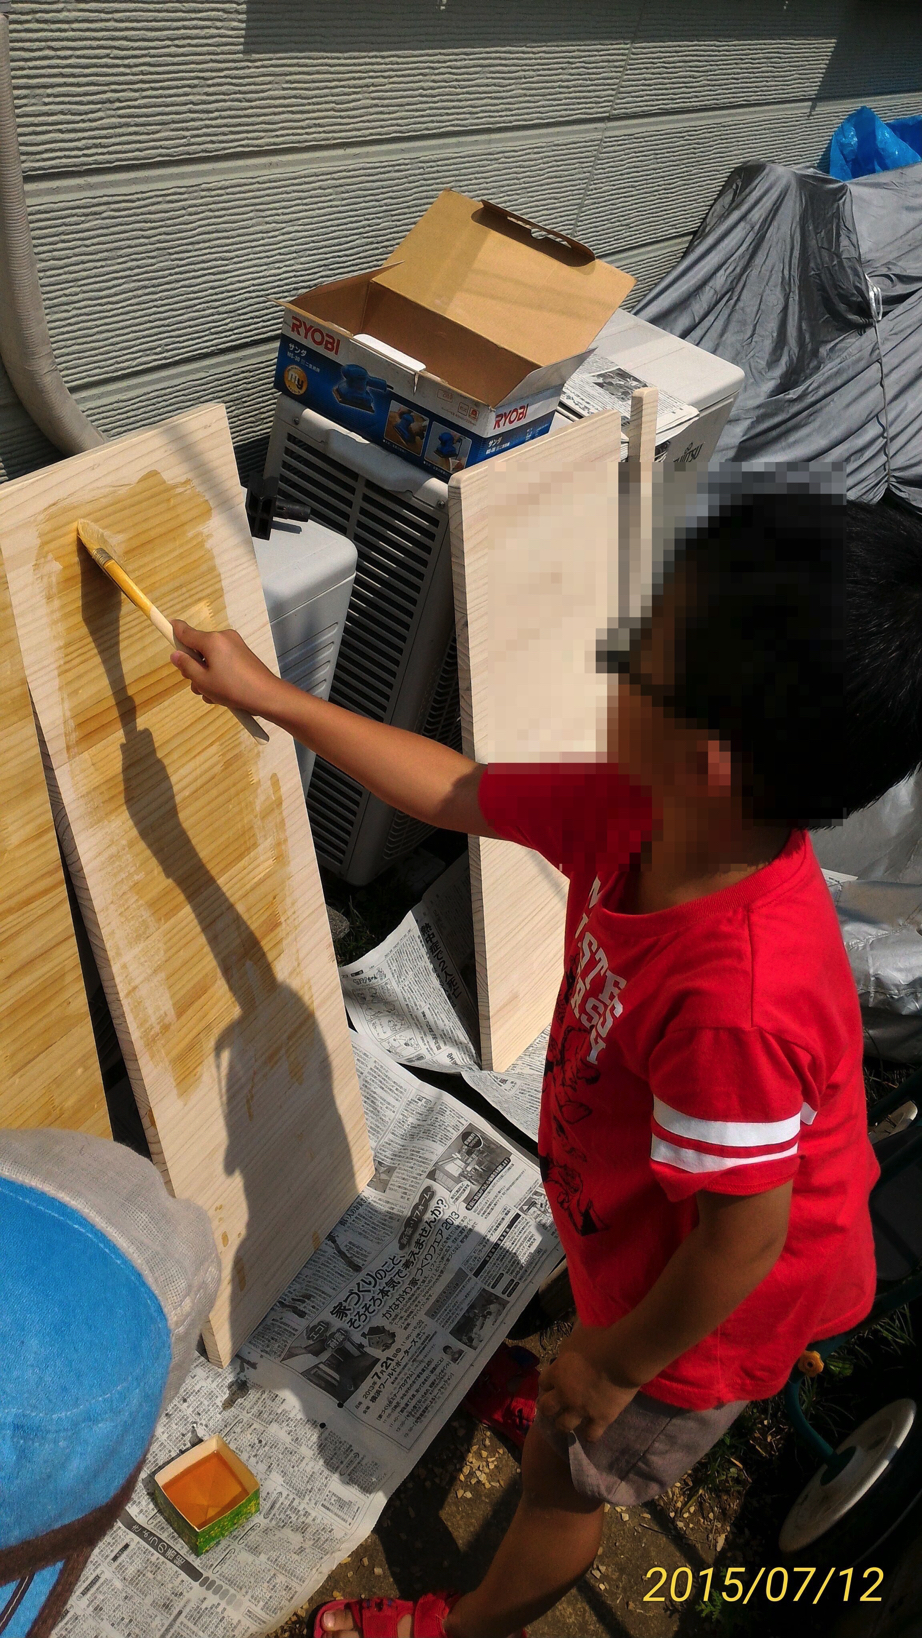 【DIY:キッチンに折りたたみテーブルを作る】② 角落とし→ヤスリがけ→ニス塗り